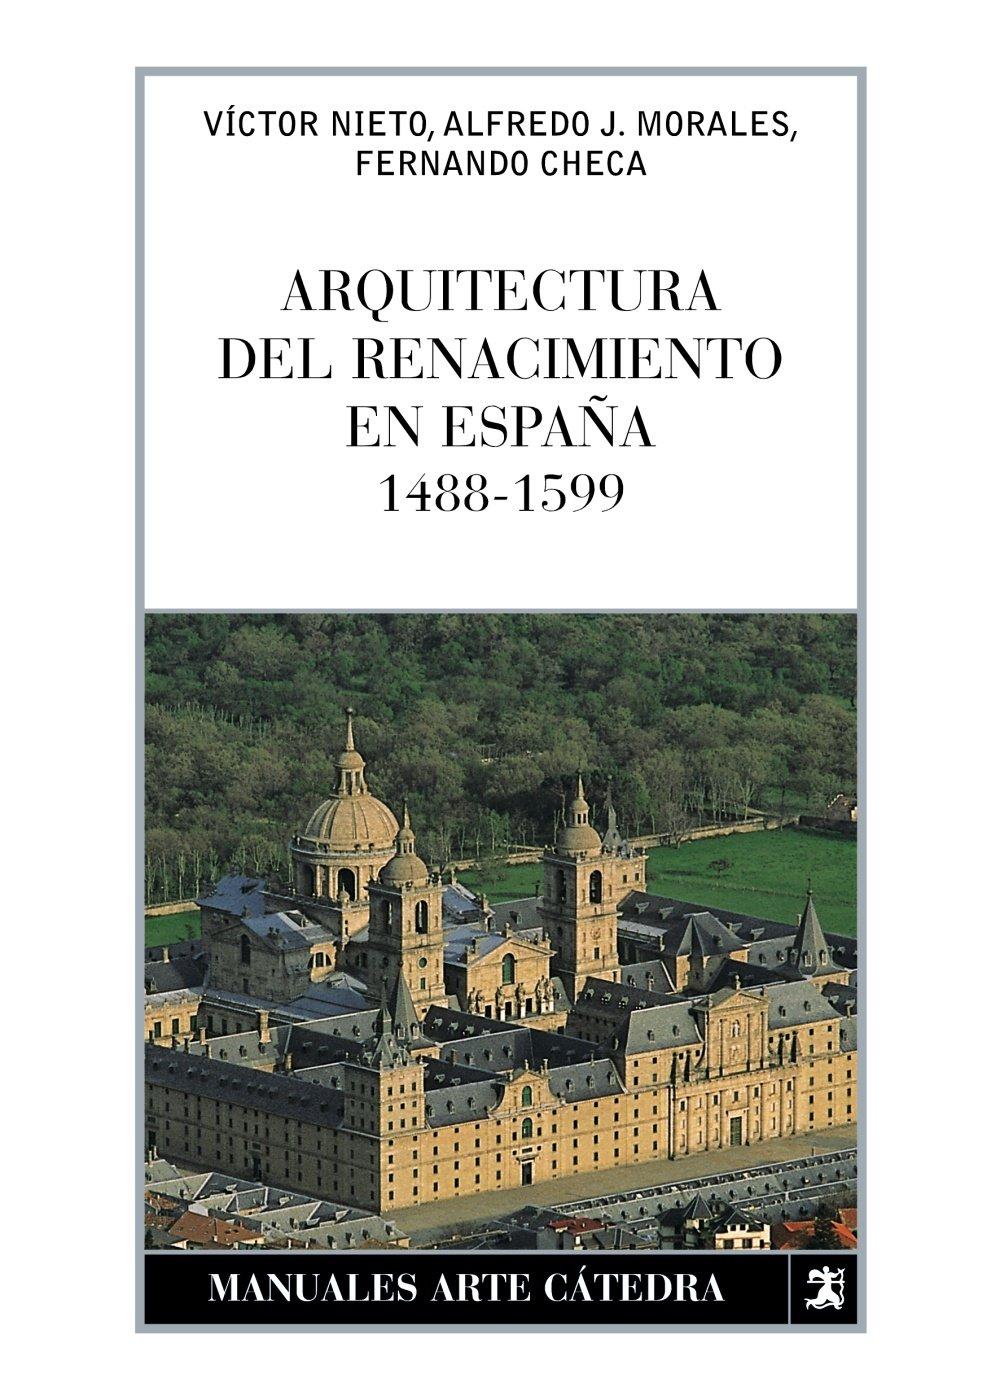 Arquitectura del Renacimiento en España, 1488-1599 Manuales Arte Cátedra: Amazon.es: Morales, Alfredo, Checa, Fernando, Nieto Alcaide, Víctor: Libros